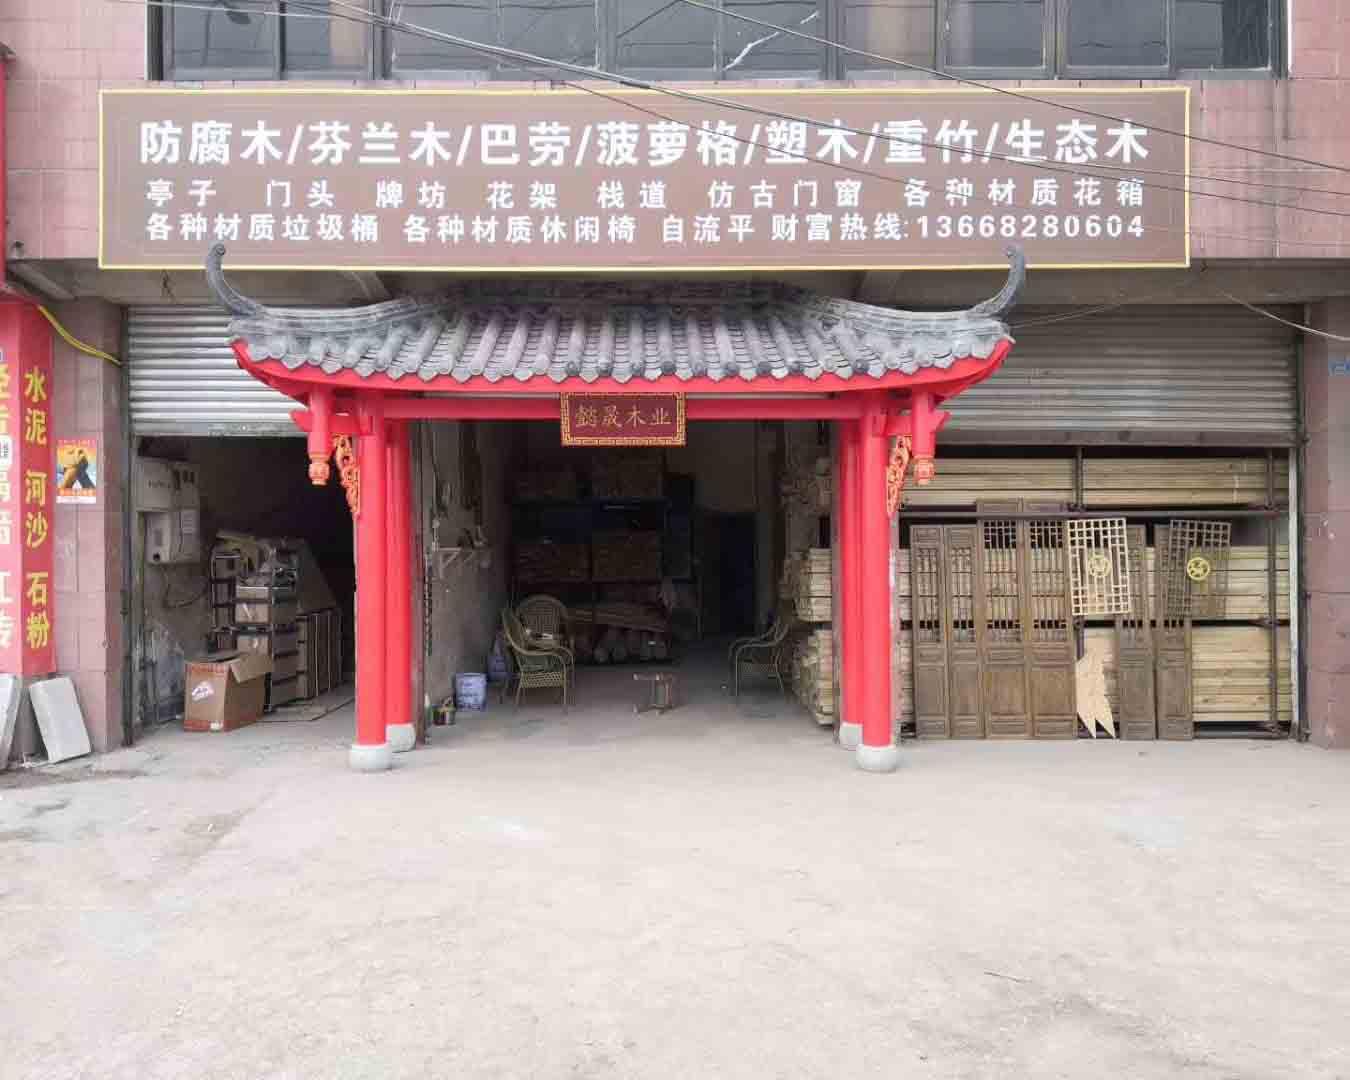 懿晟木业厂区